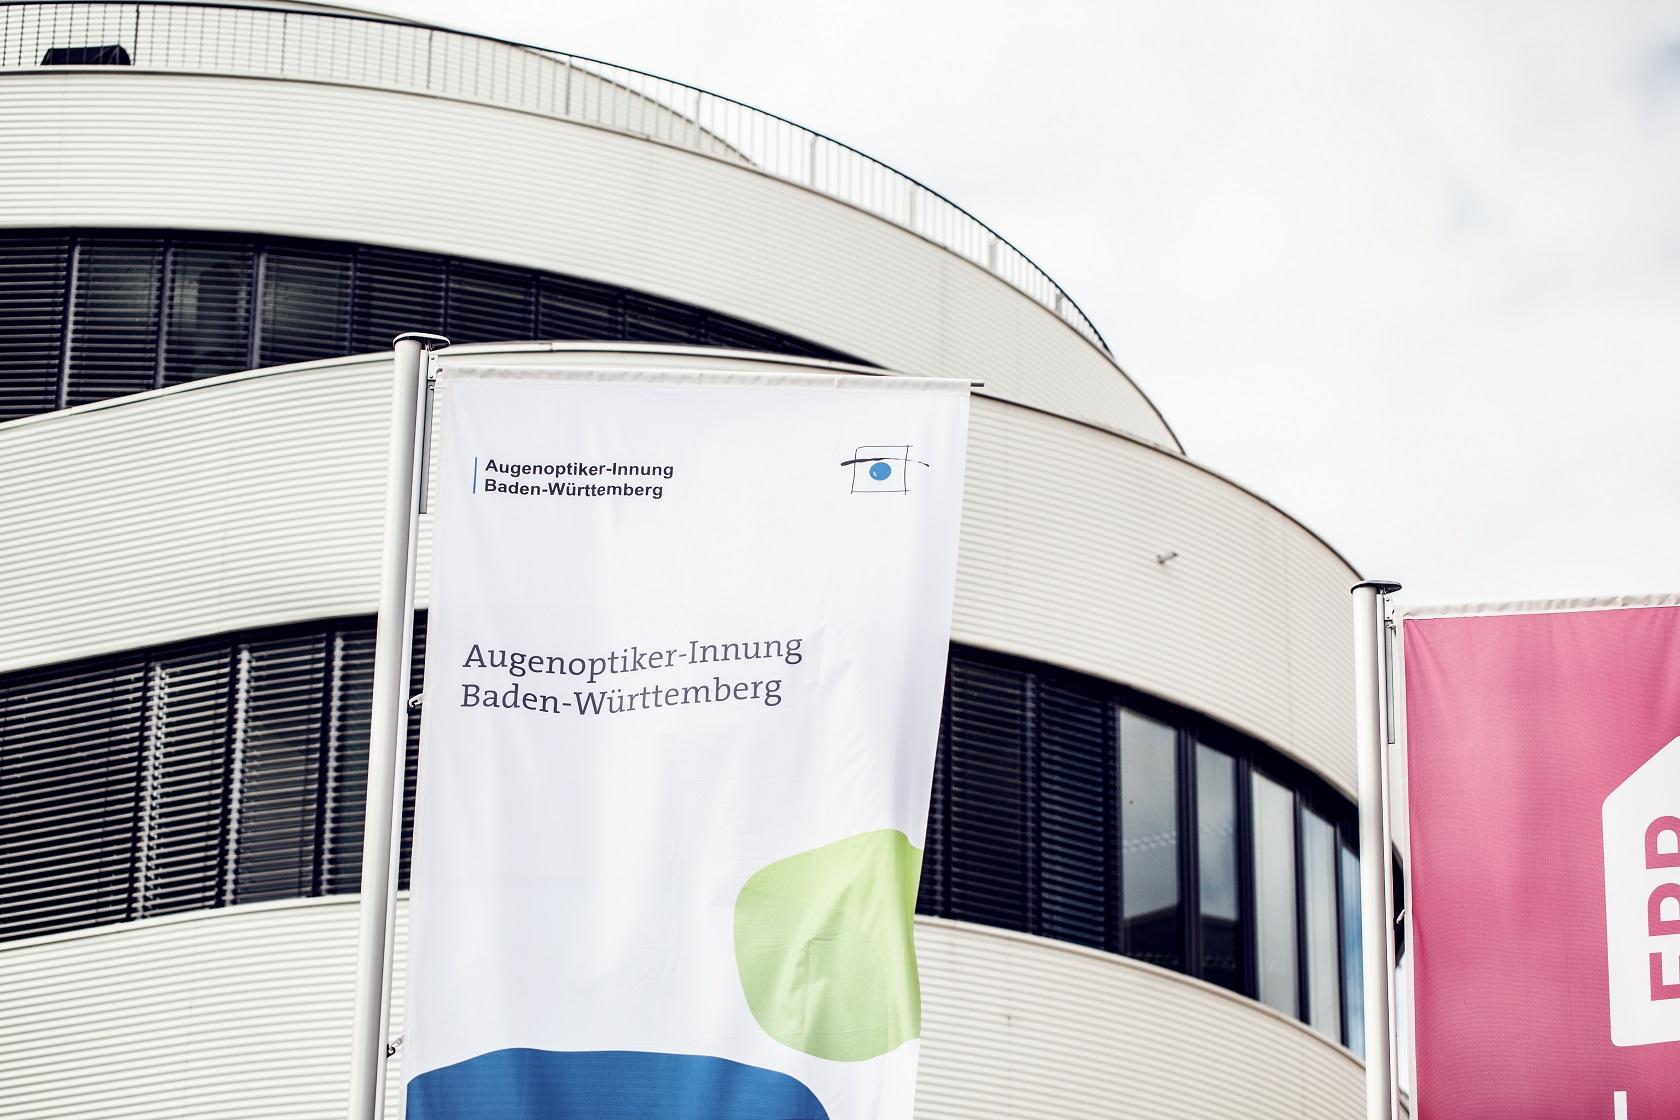 Tage der offenen Tür Augenoptiker-Innung Baden-Württemberg